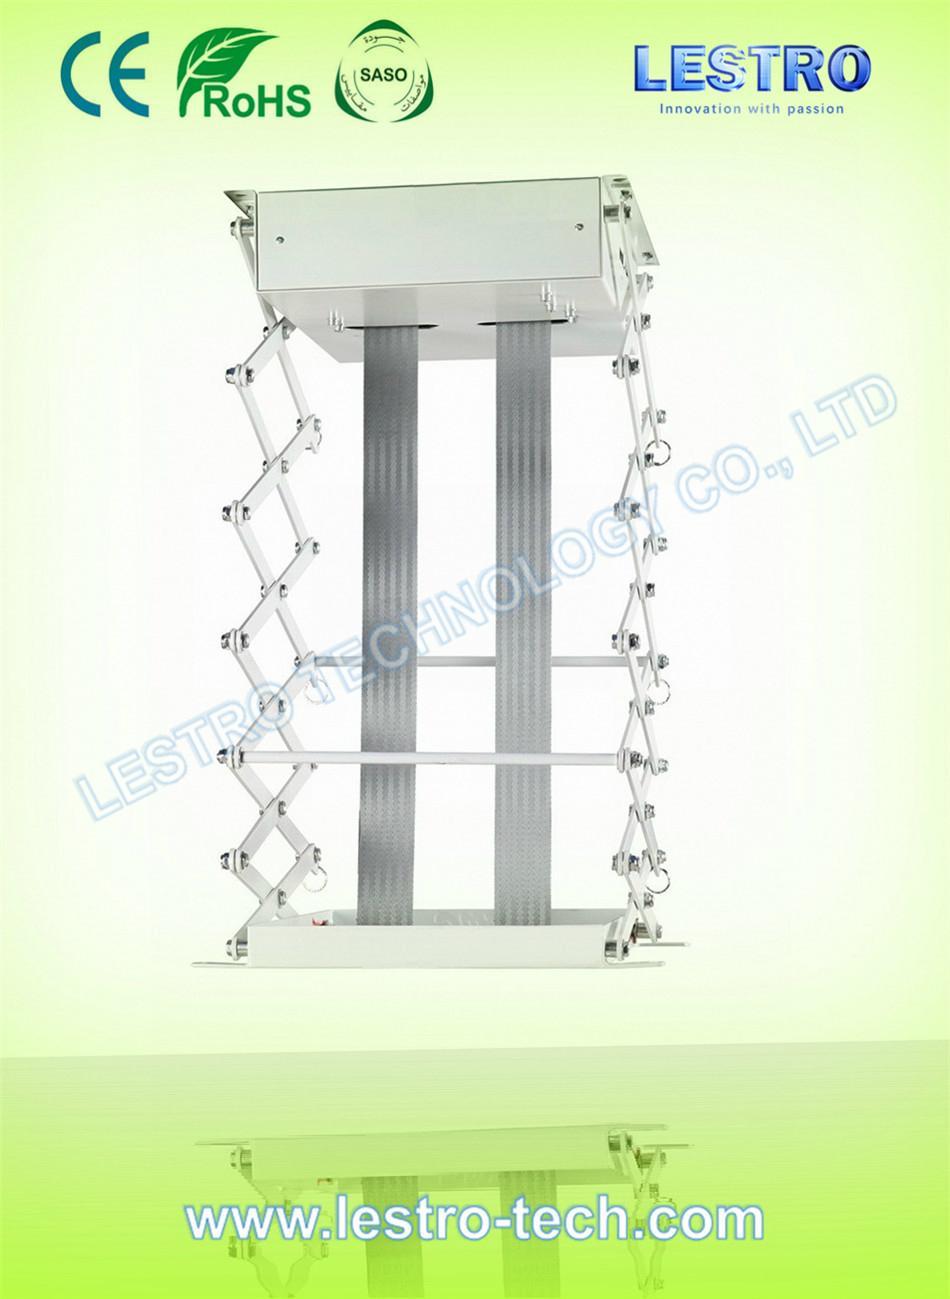 原廠直供  投影機弔架 投影機電動弔架BL系列  CE和ROHS認証  2